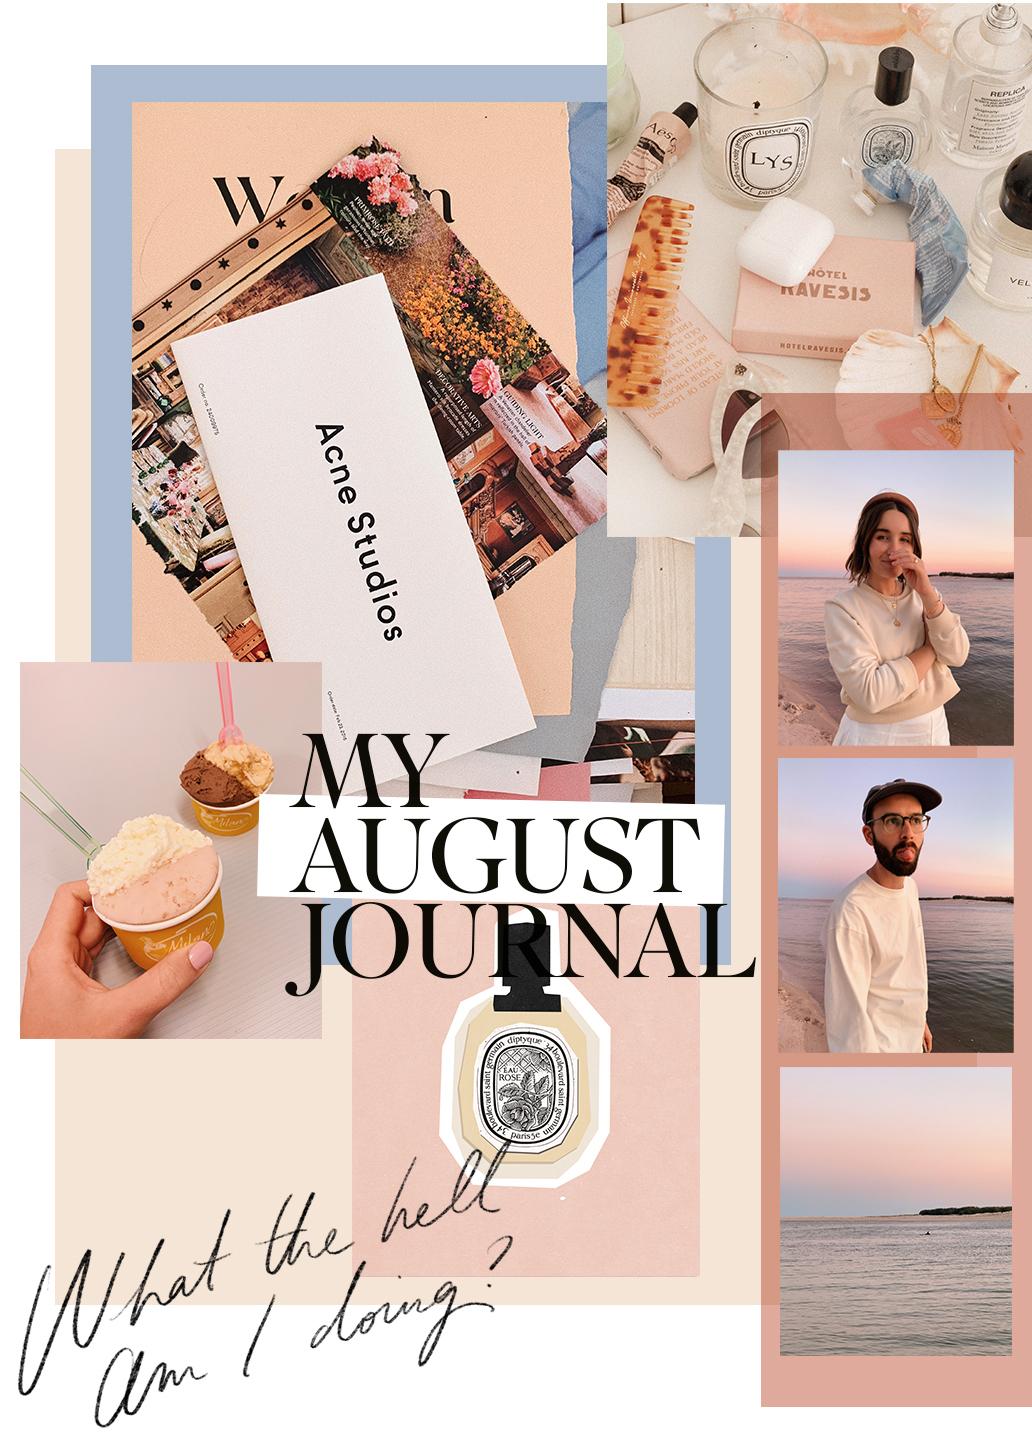 AugustJournal-1.jpg